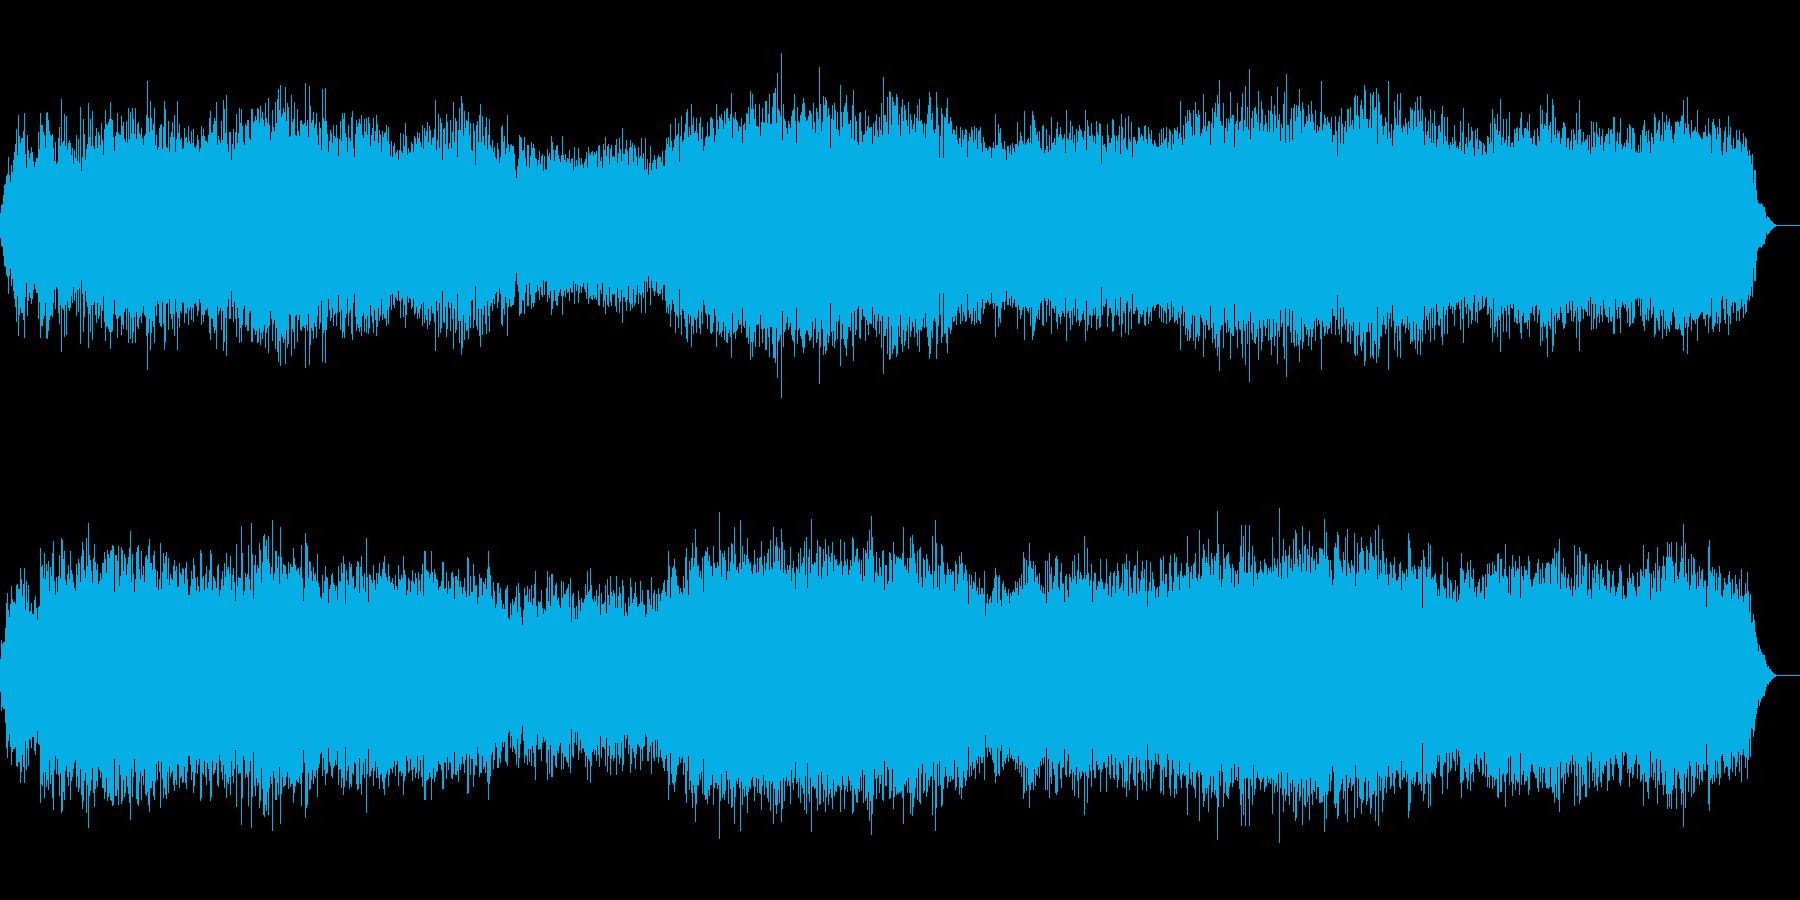 宇宙をイメージして作りました。の再生済みの波形